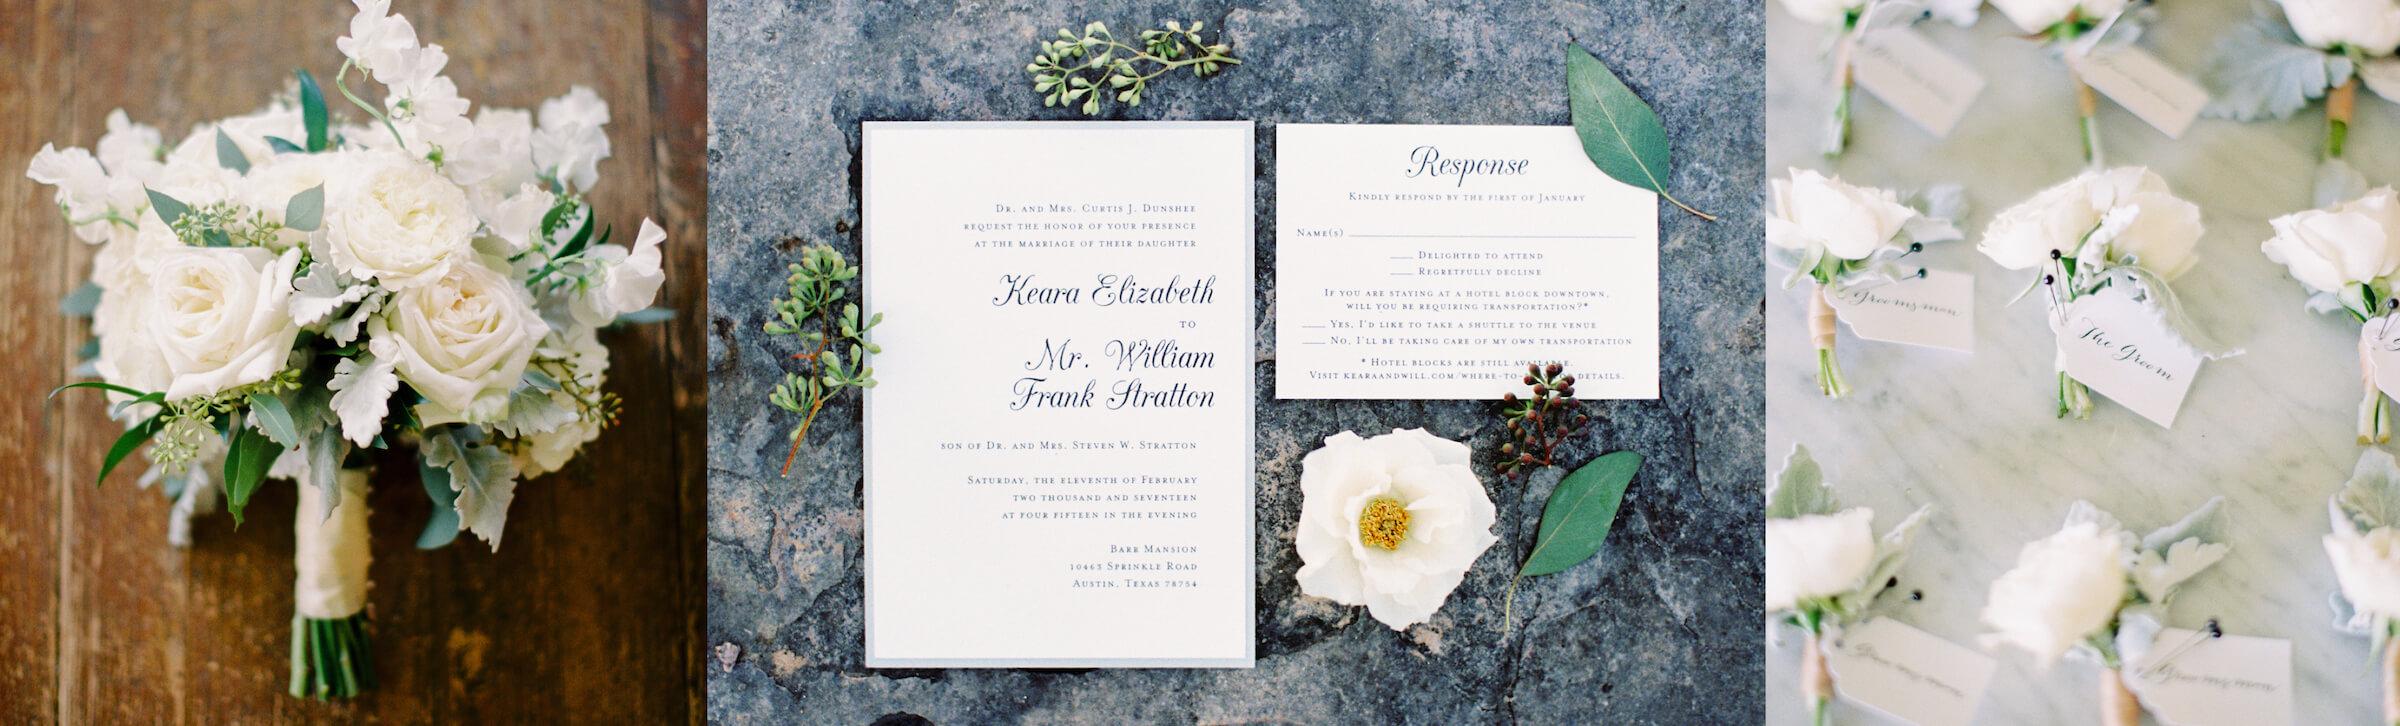 keara-william-wedding-20 copy.jpg